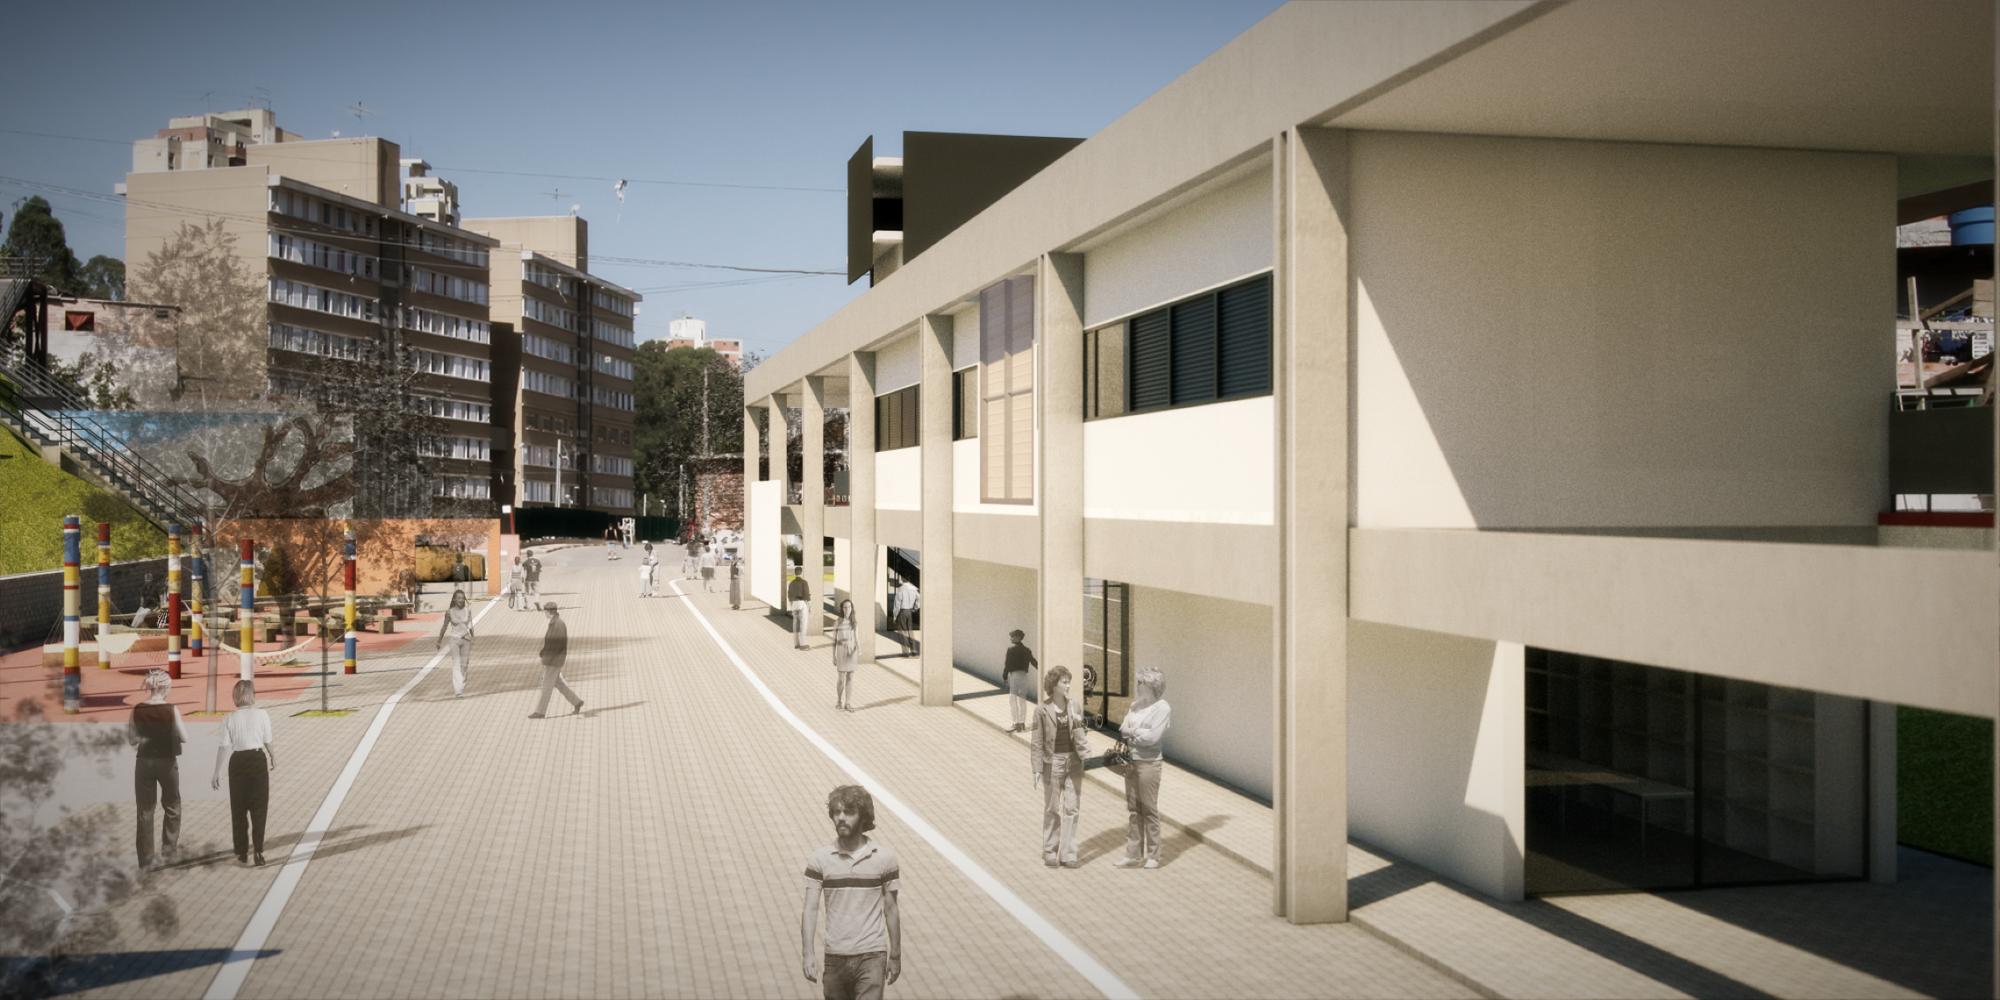 Grotinho de Paraisópolis . Construindo espaços de convívio / Boldarini Arquitetos Associados, Cortesia de Boldarini Arquitetos Associados